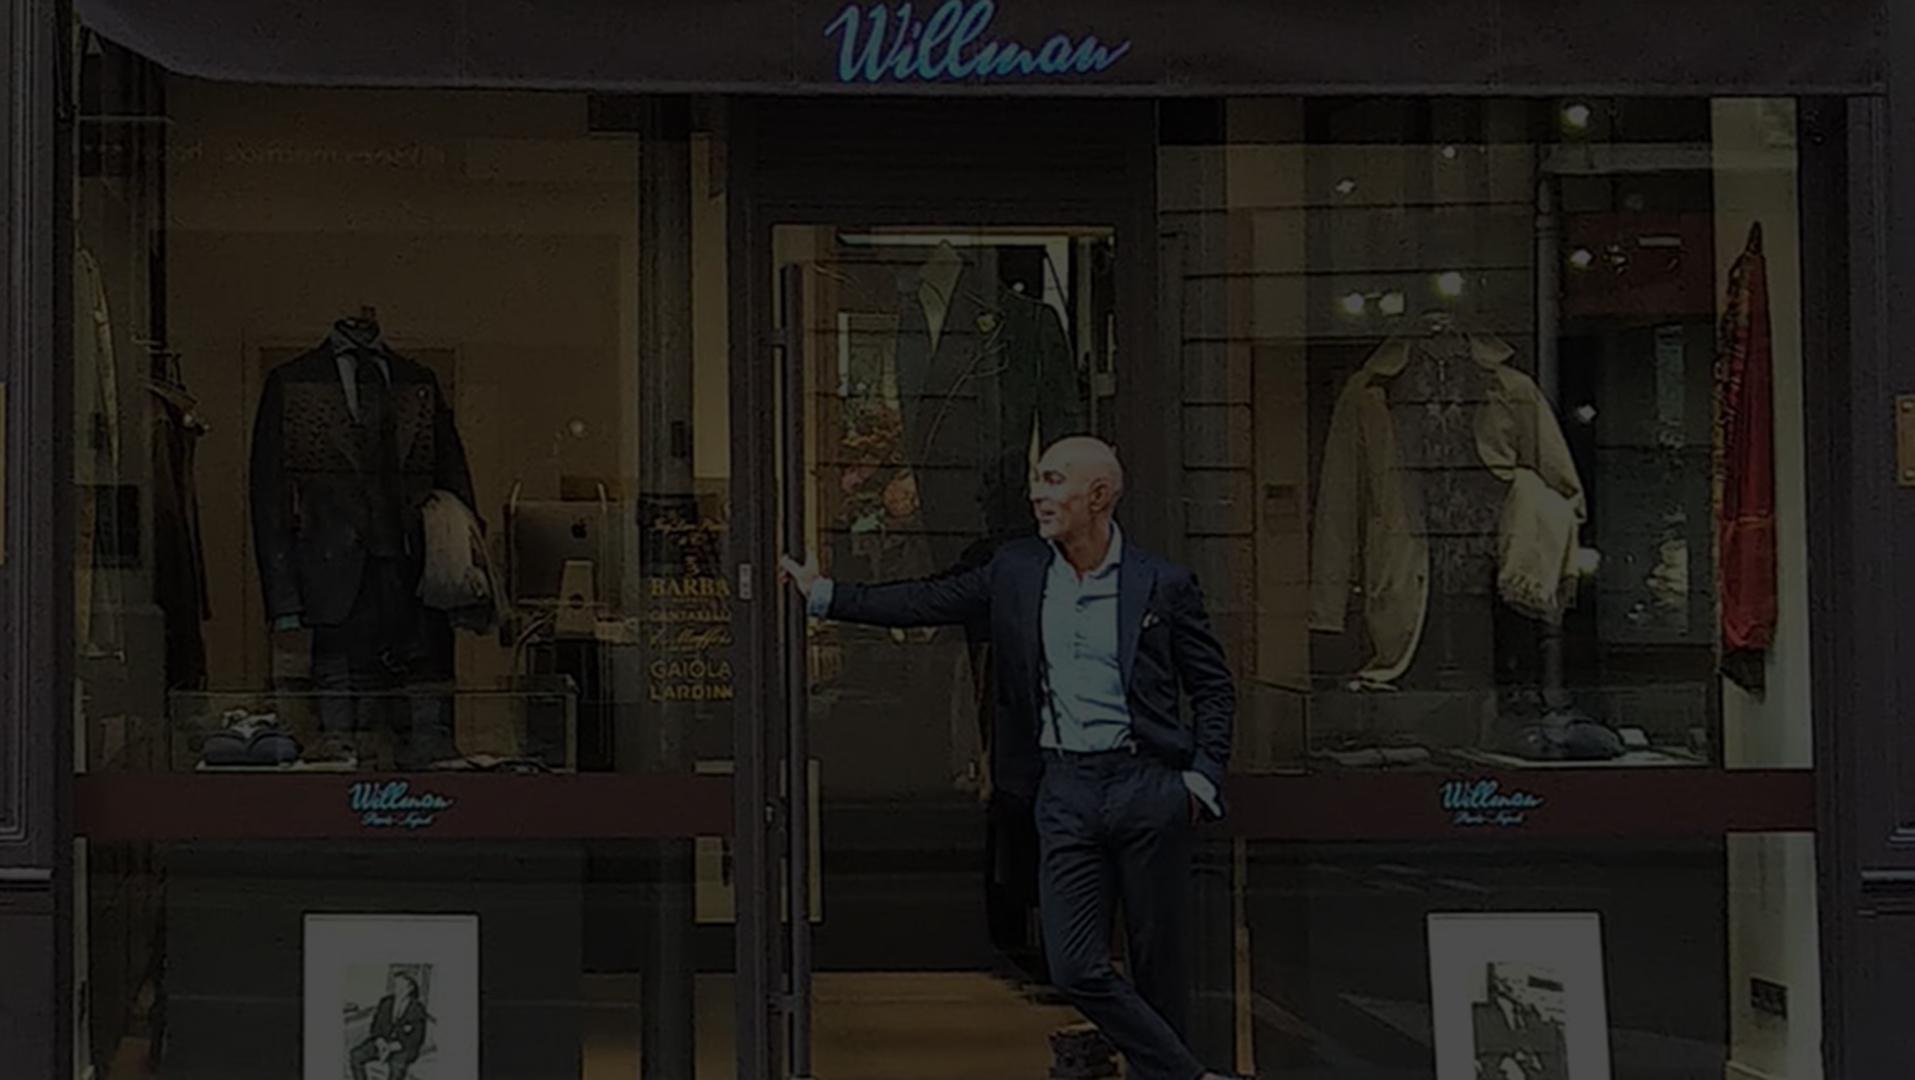 bywillman-1